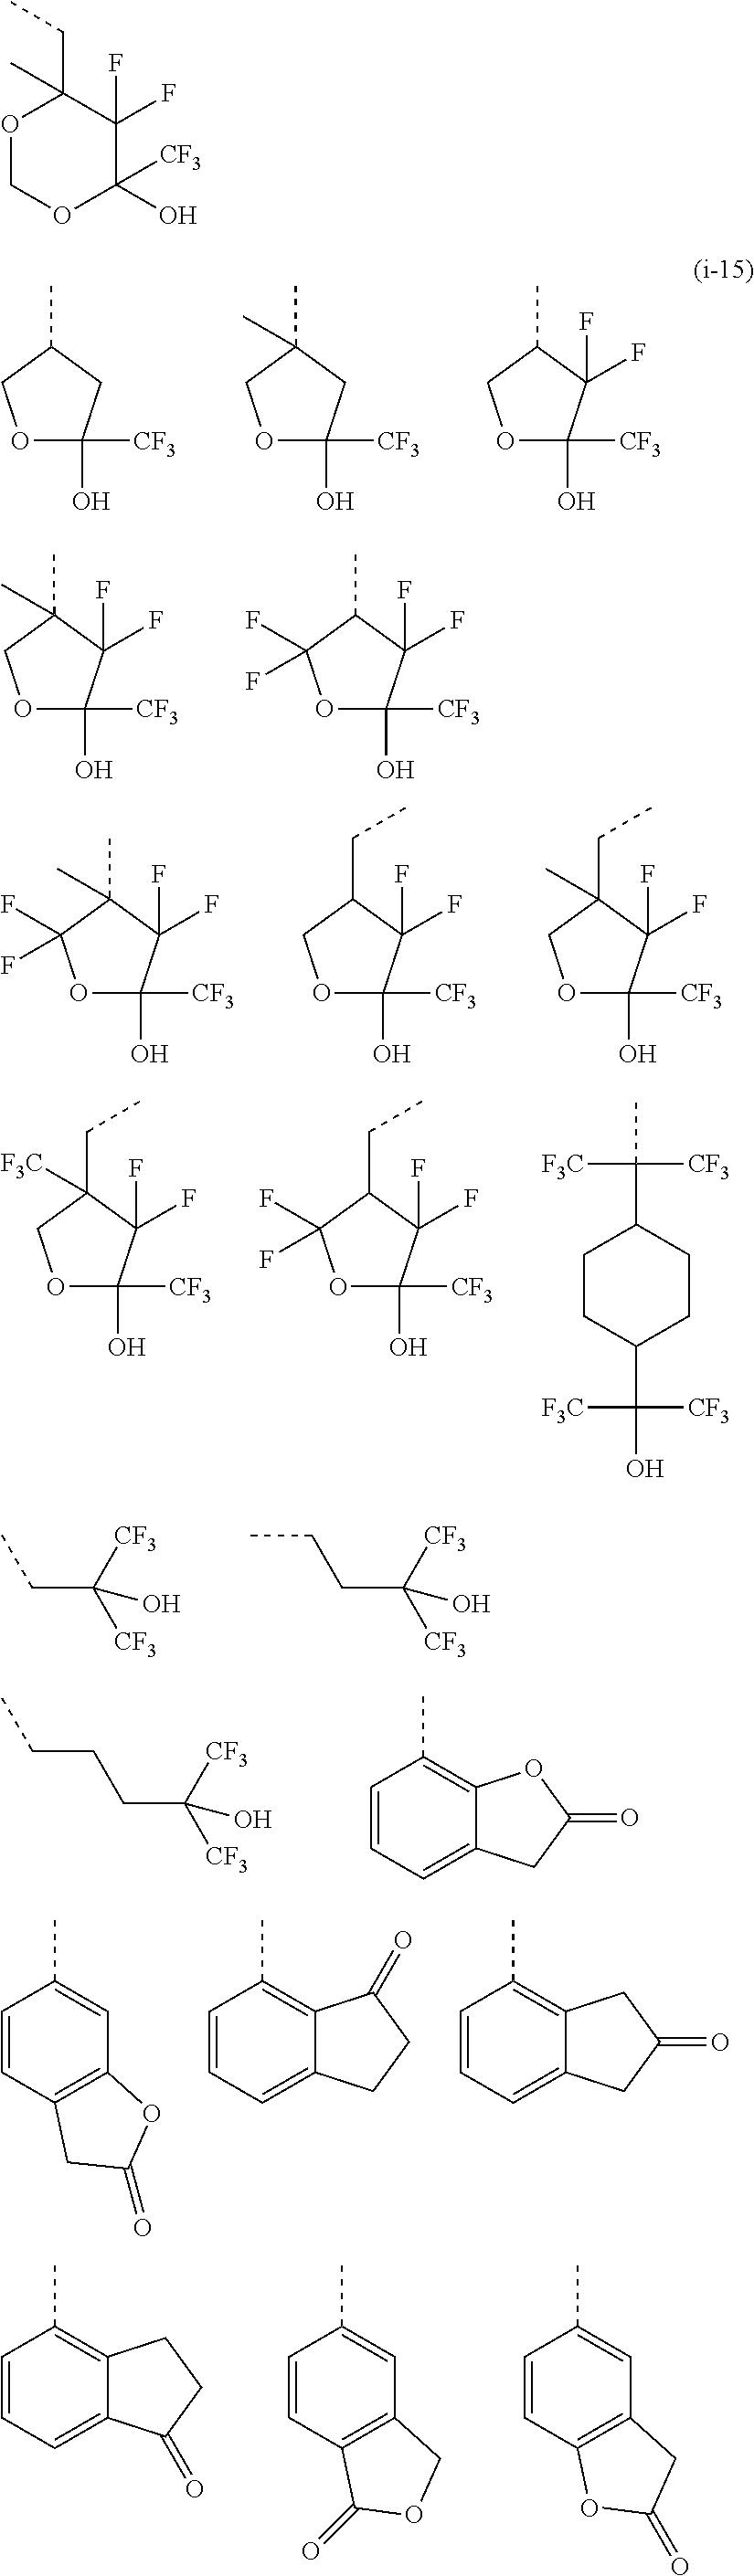 Figure US09488914-20161108-C00055